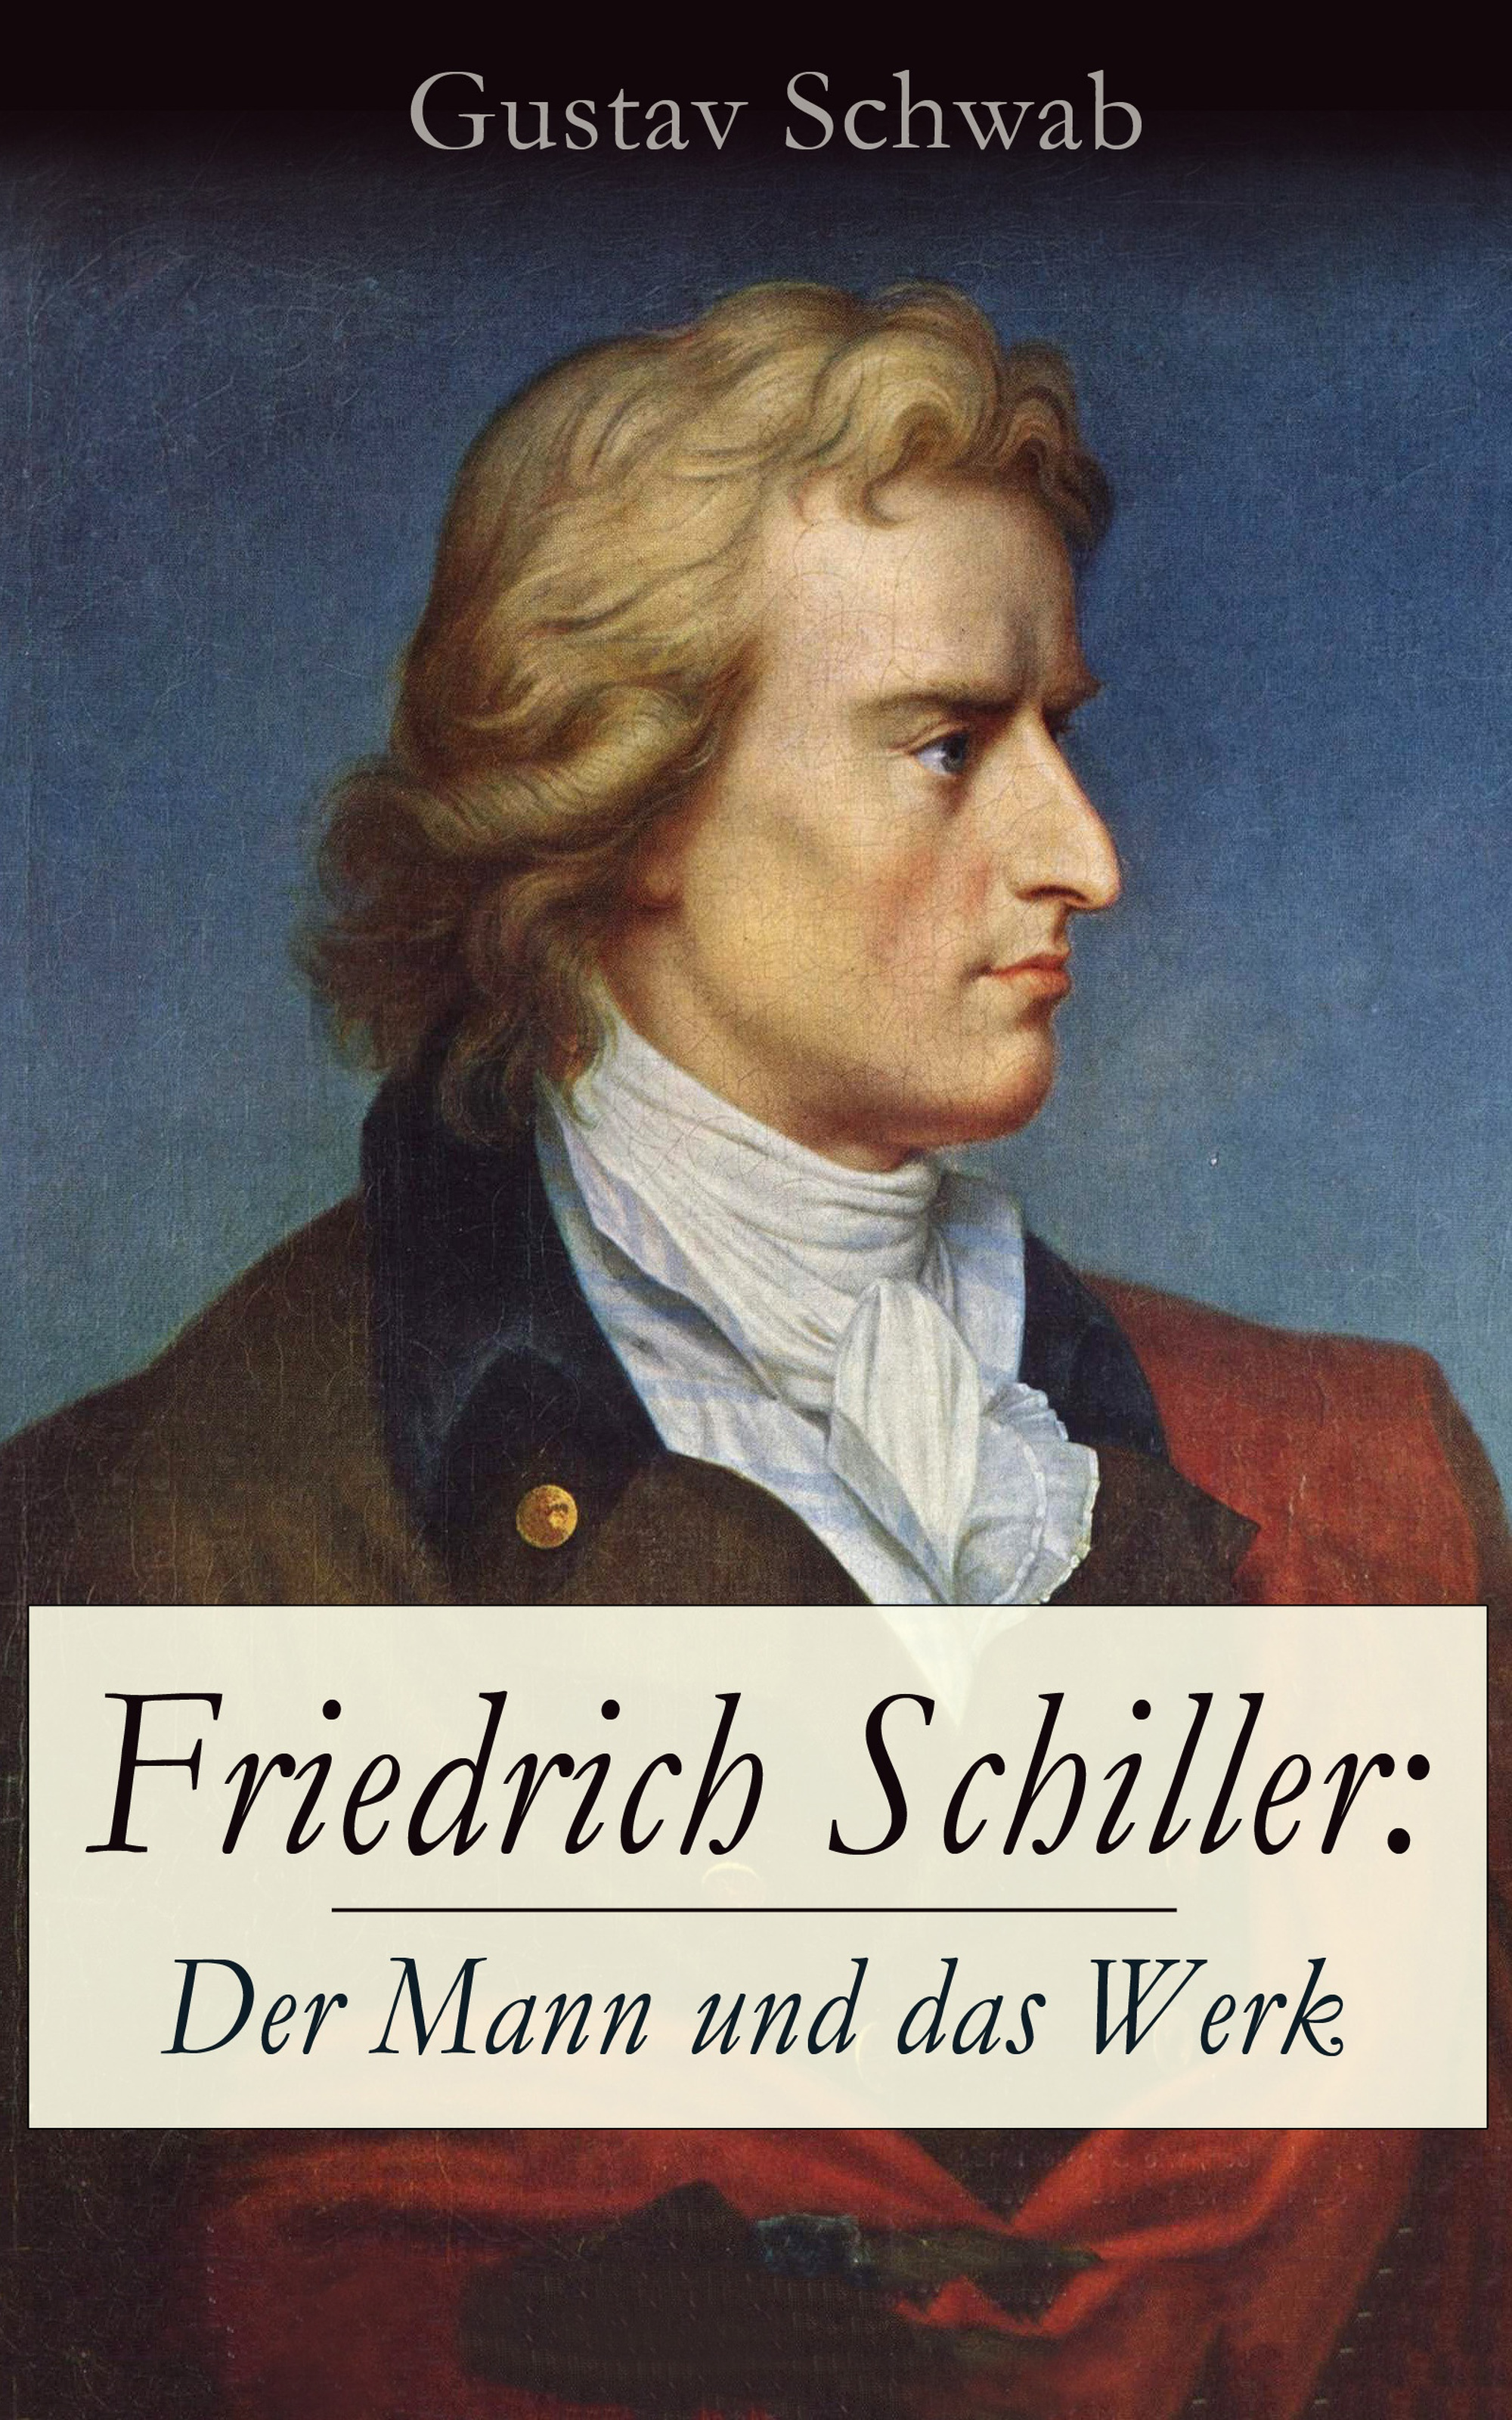 Gustav Schwab Friedrich Schiller: Der Mann und das Werk